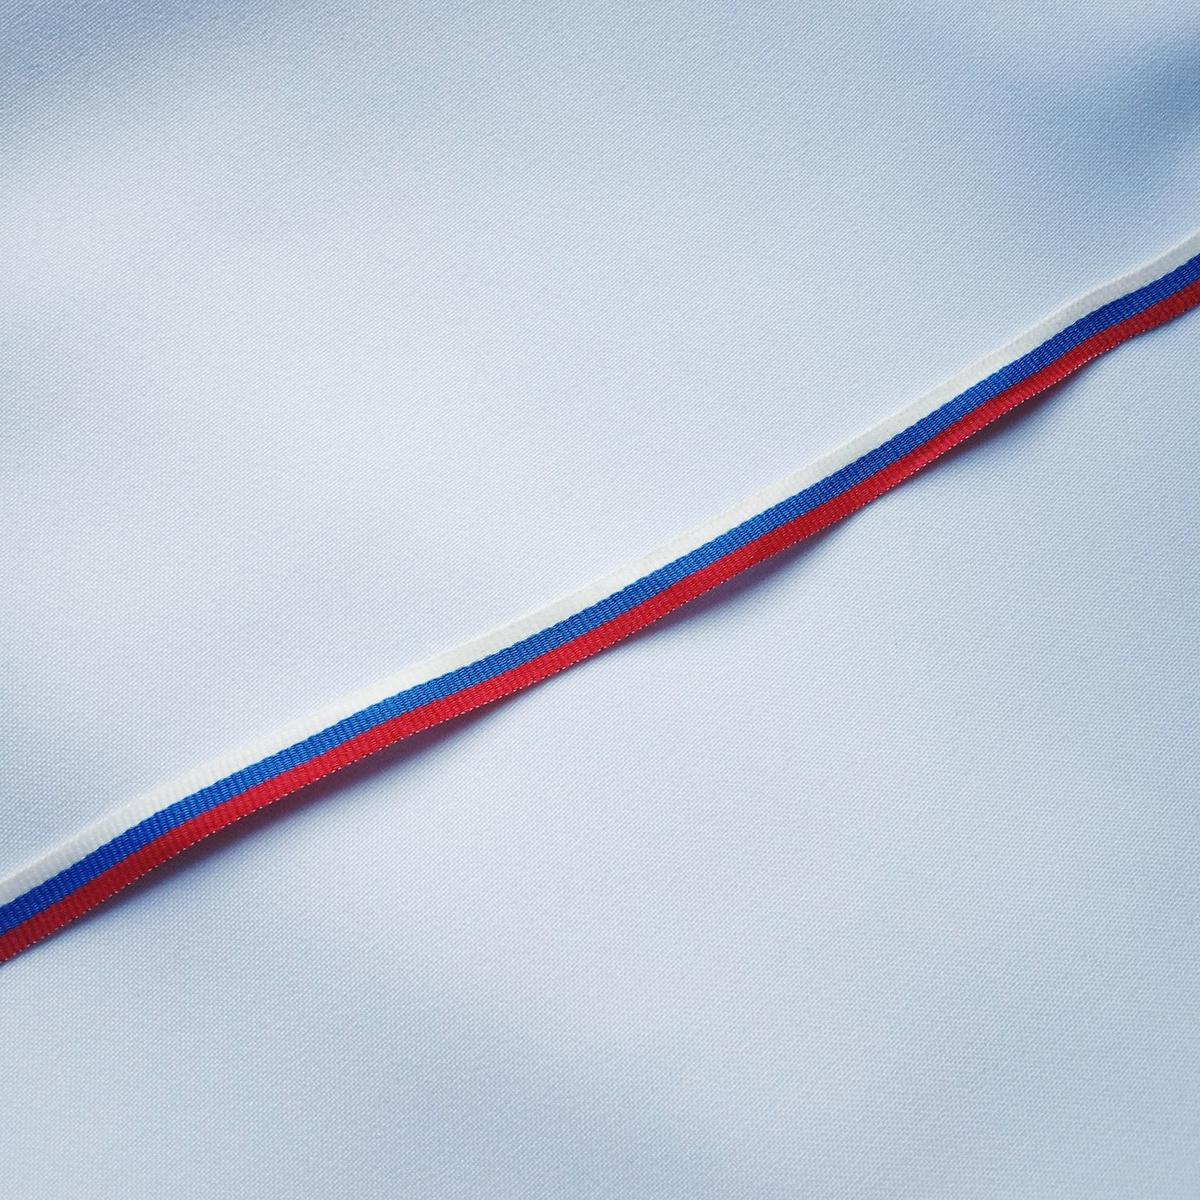 Ткань для флага триколор купить ткани в розницу дешево